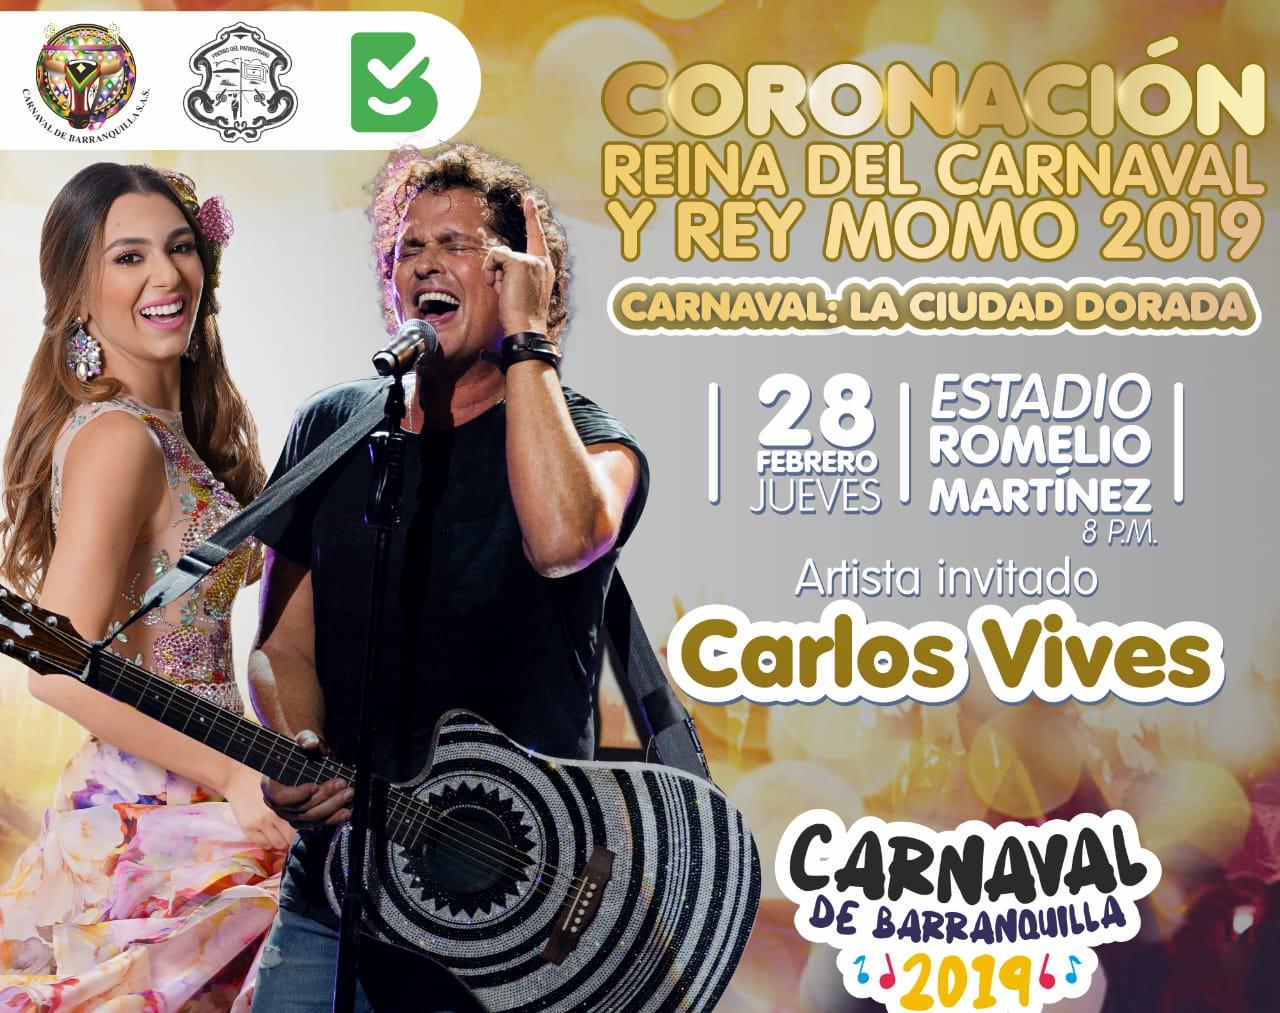 El próximo 28 de febrero sera la gran coronación de los Reyes del Carnaval